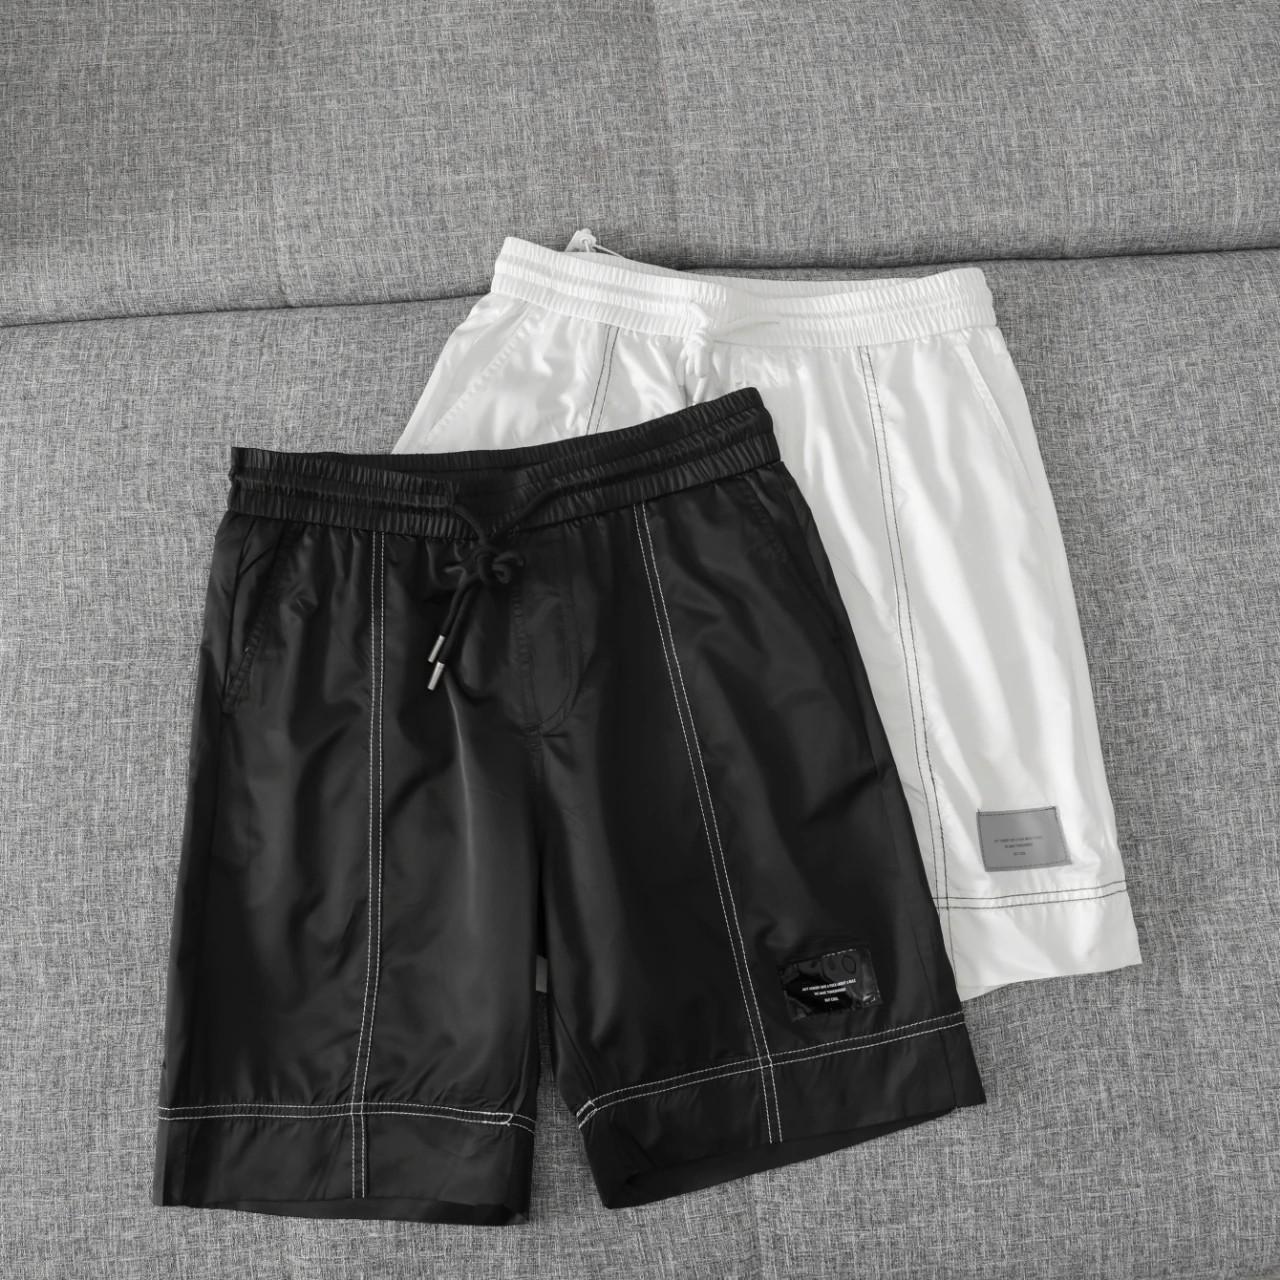 París 2020 G para mujer para hombre del diseñador de moda logotipos verano de malla BasketballShorts pantalones de los hombres de trajes de baño de playa surf shorts corta transpirable 6,15